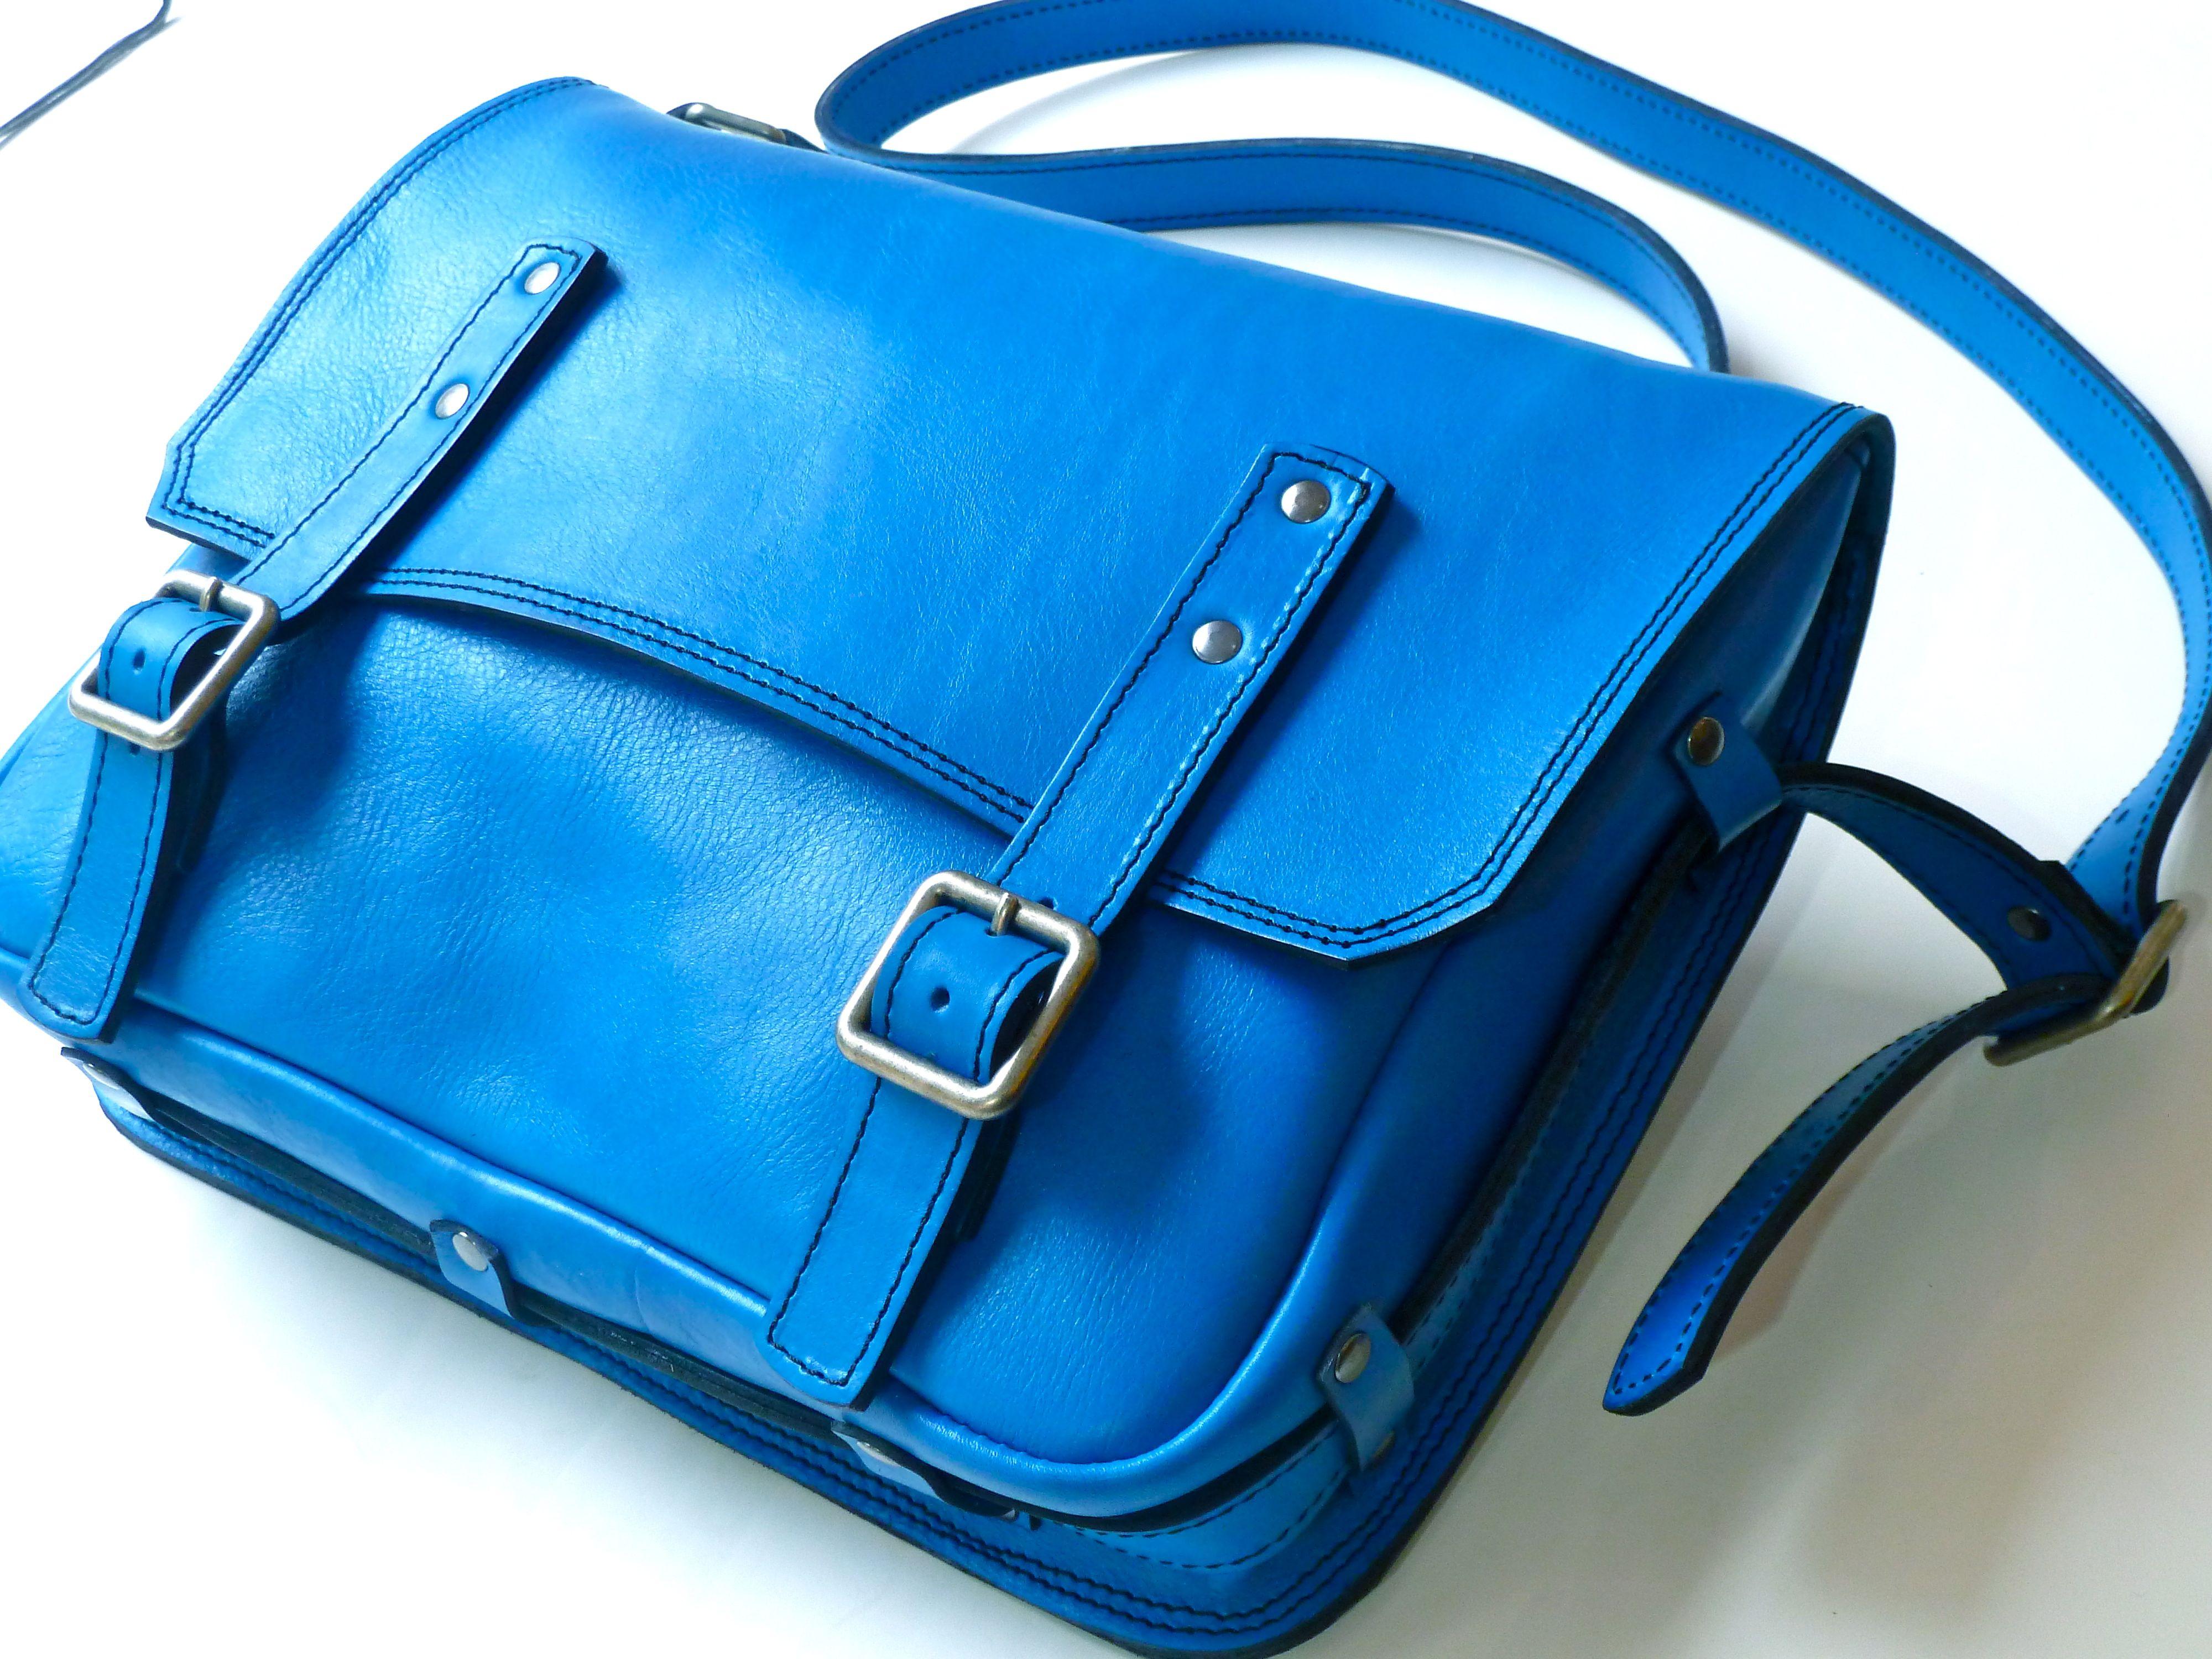 Bolsa azul Blue bag